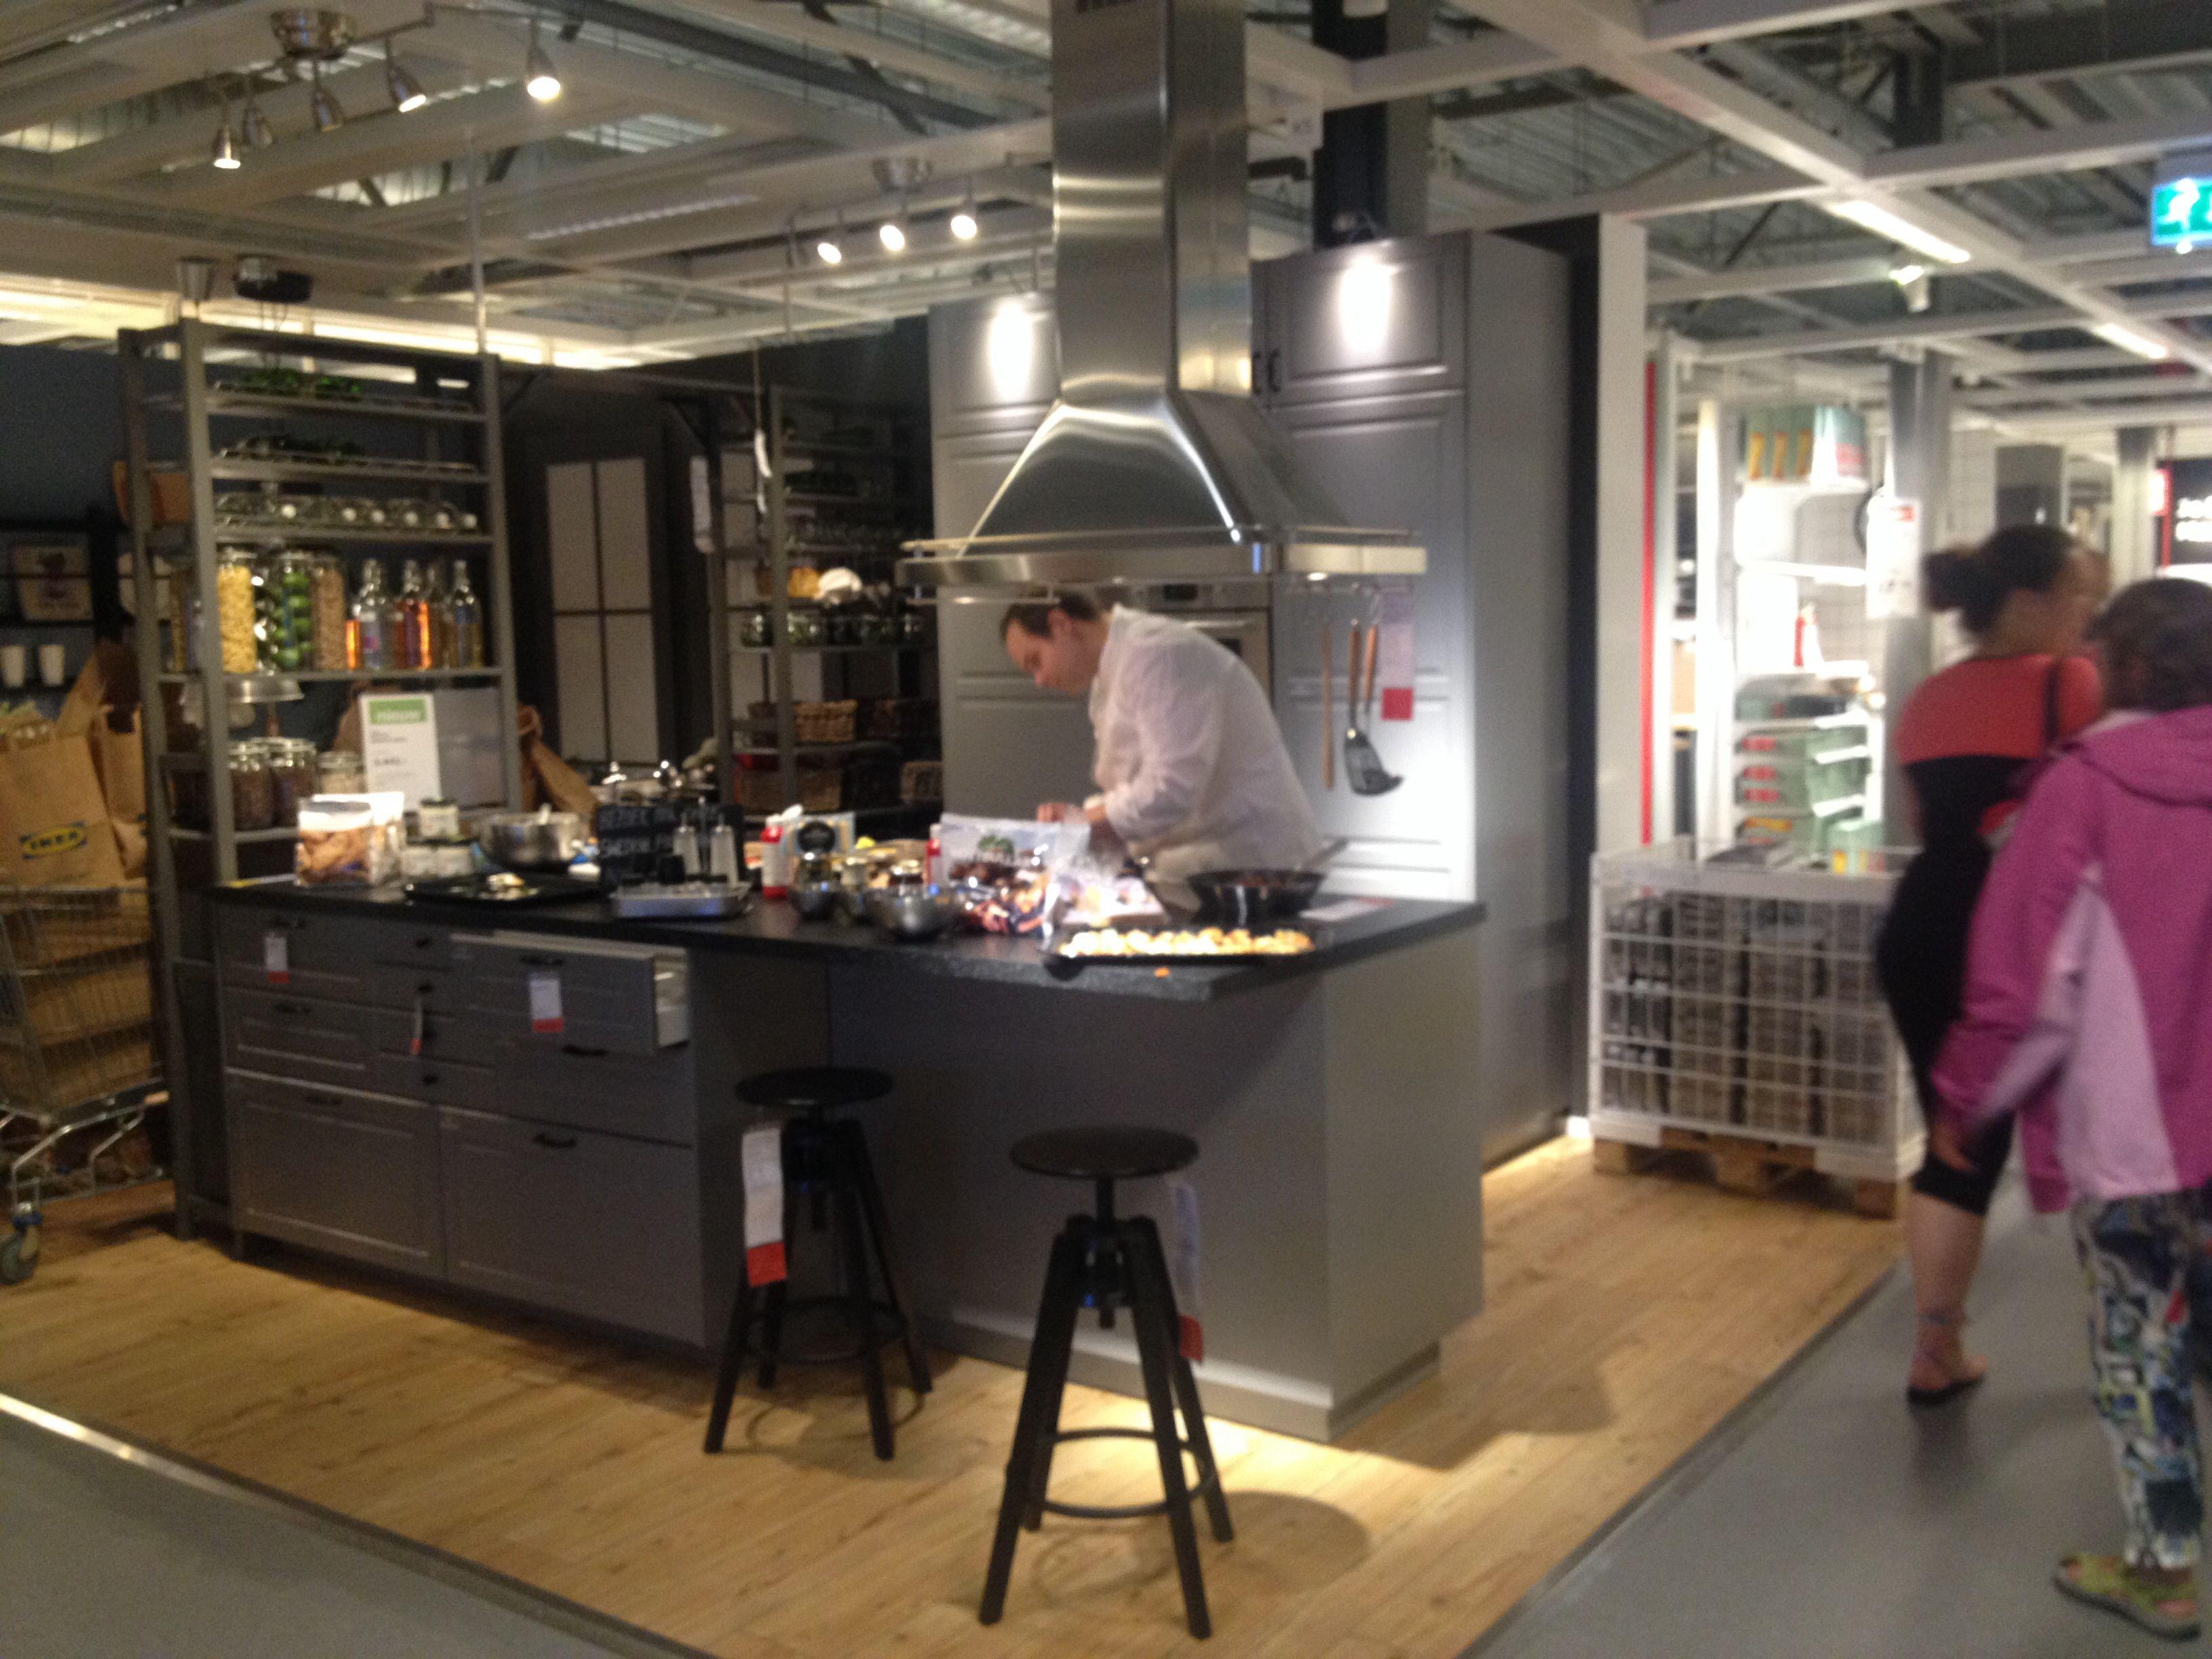 Keukeneiland T Opstelling : Ikea opstelling keuken eiland dat bedoel ik gevonden